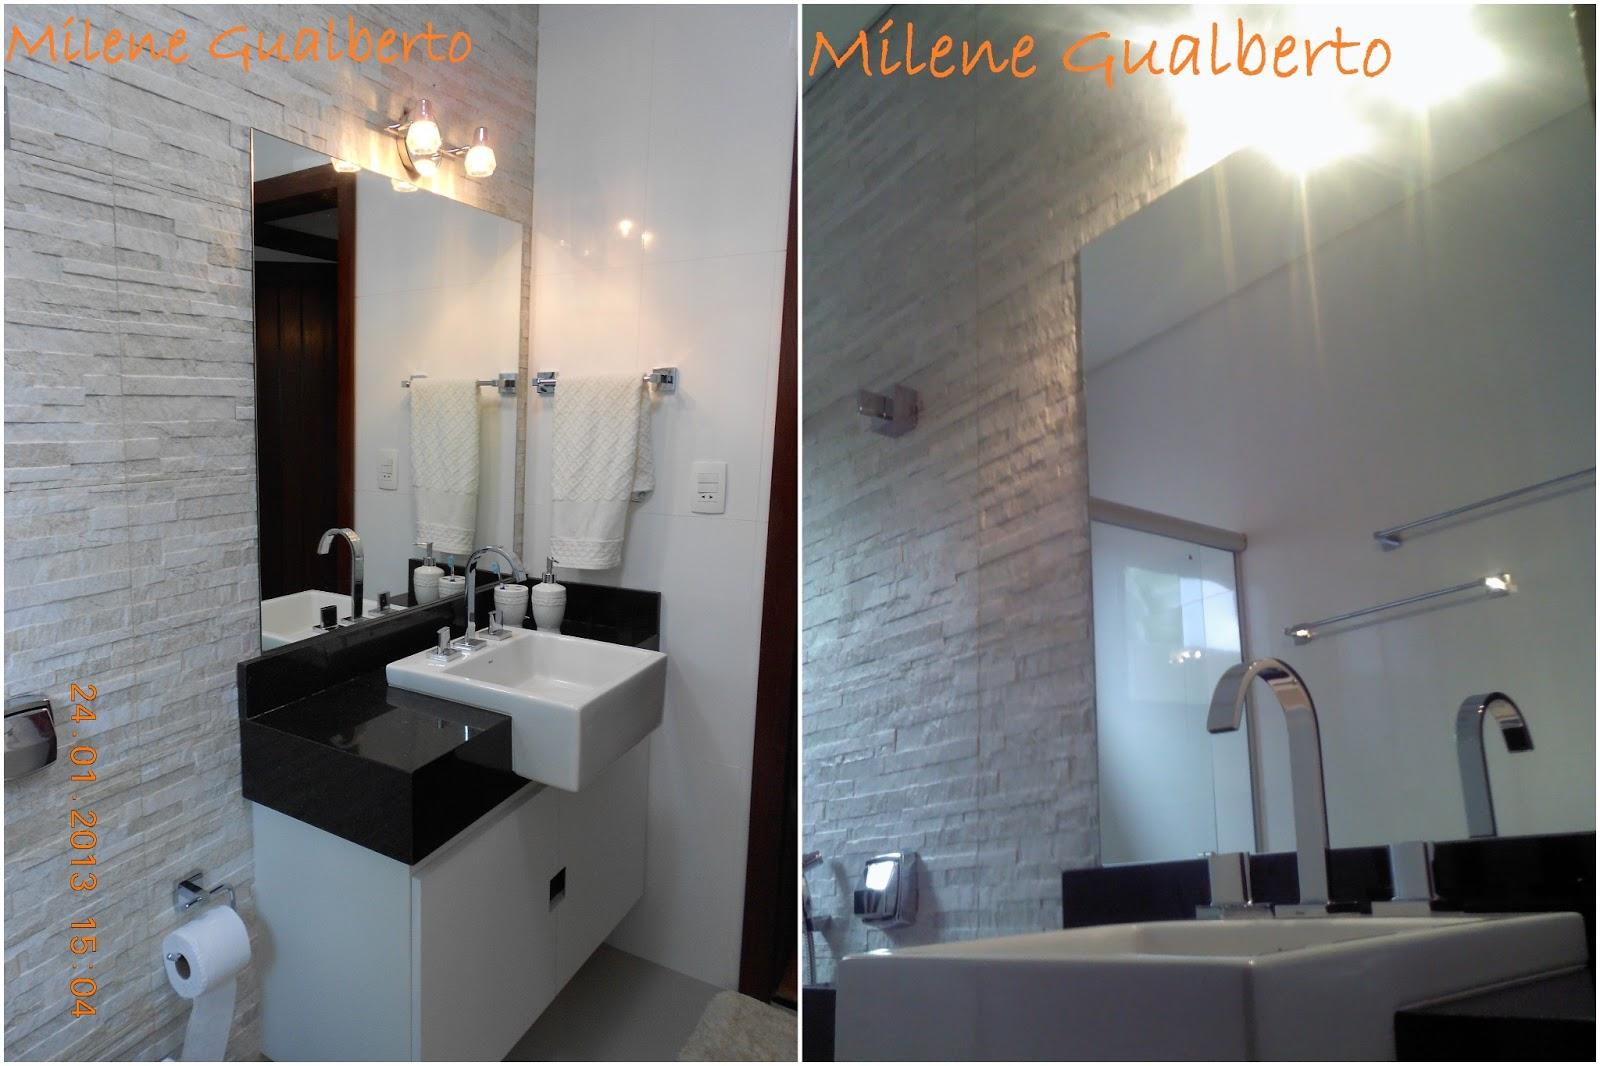 Milene Gualberto: Projetos Residênciais Banheiro Porcelanato HD #856146 1600x1066 Banheiro Com Porcelanato Rustico